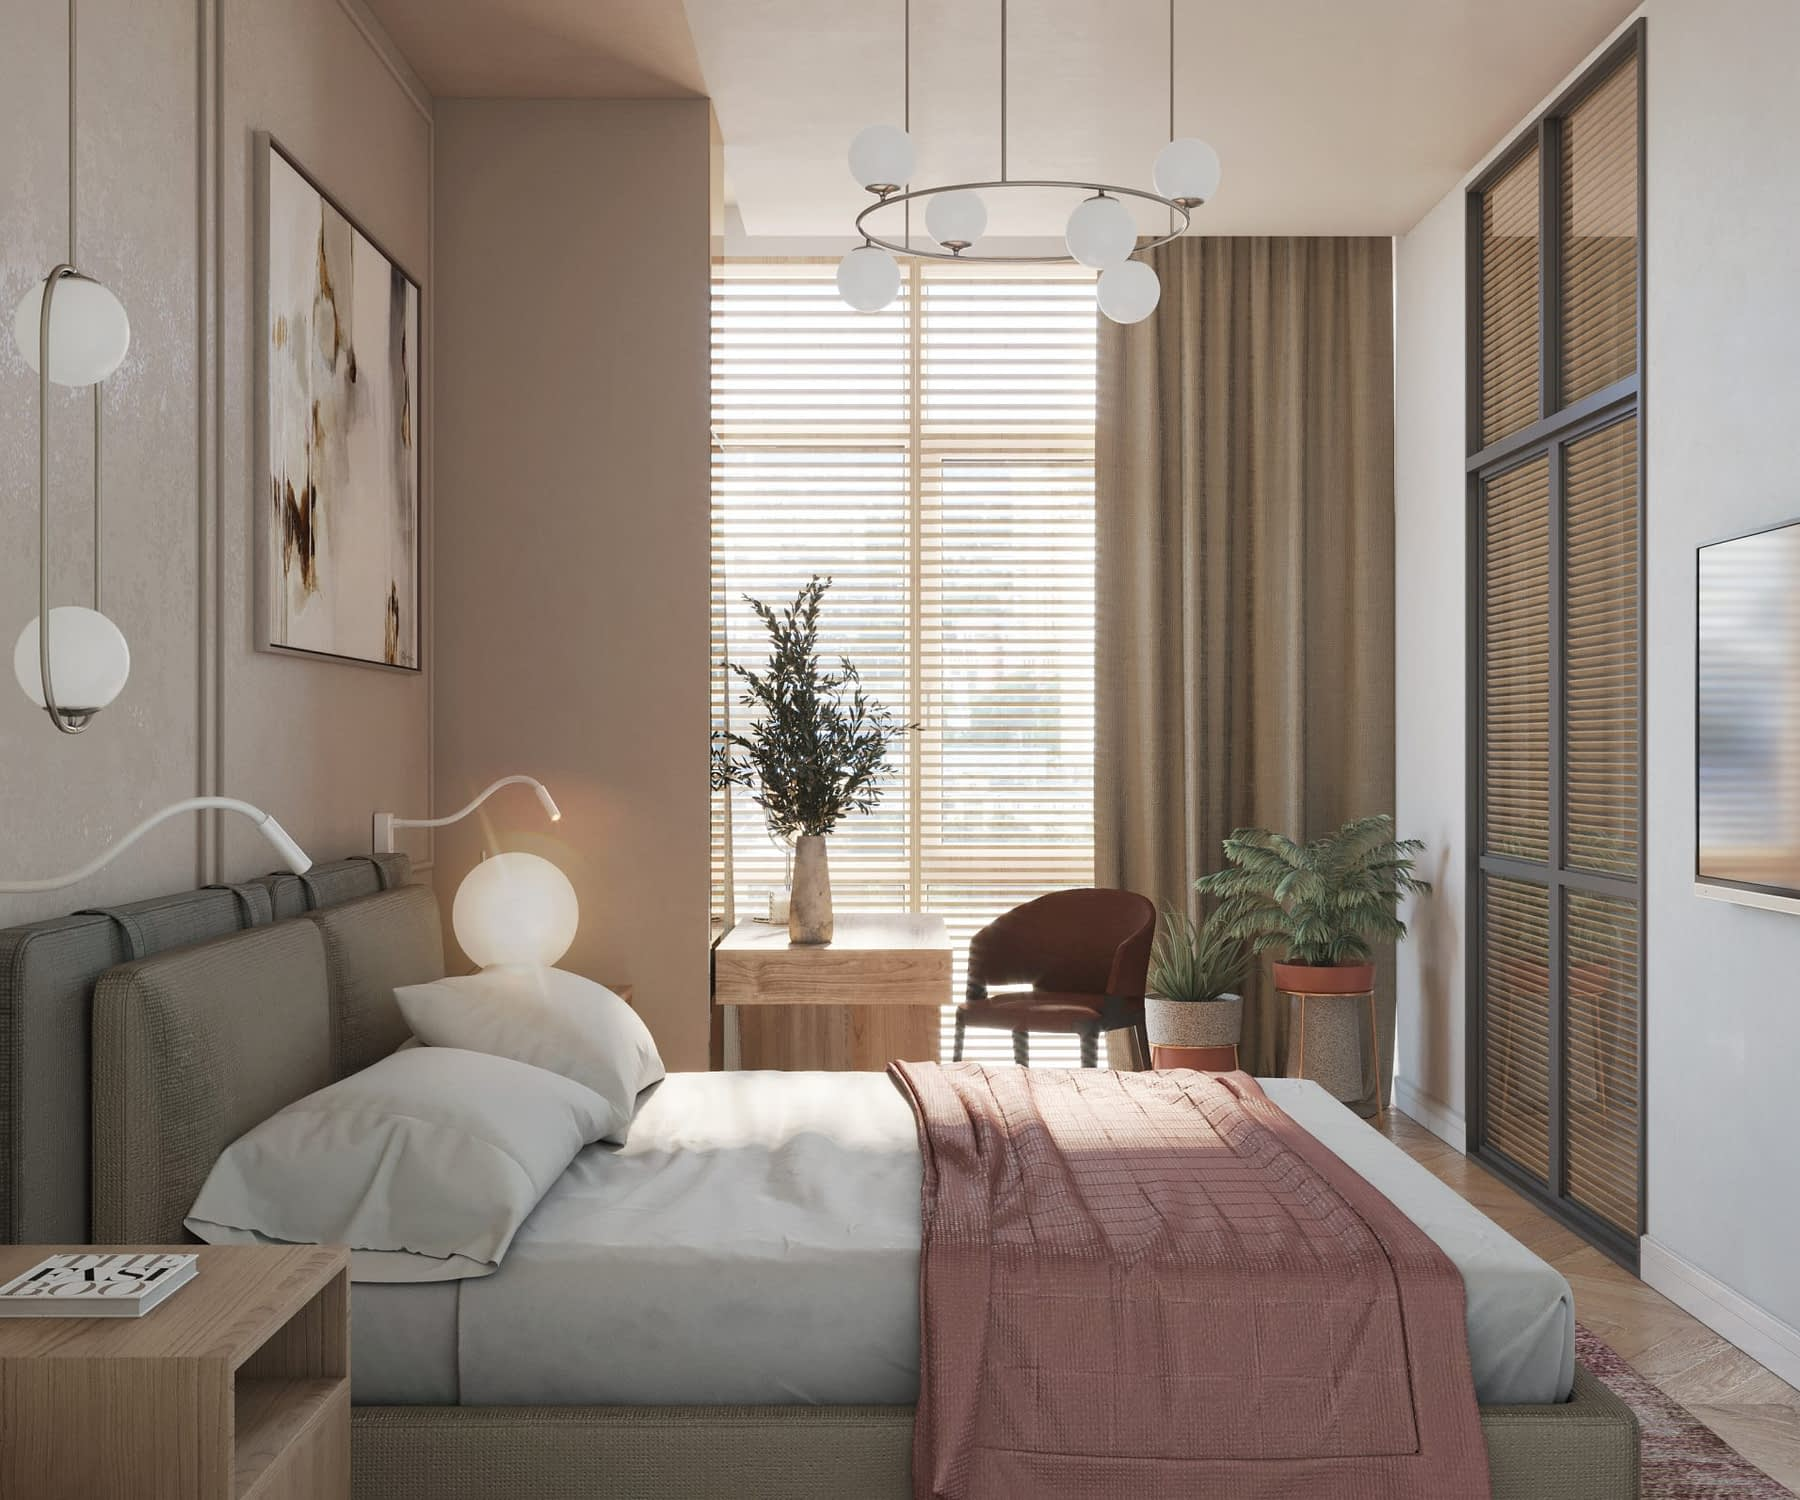 дизайн интерьера спальни квартиры в ЖК Риверстоун